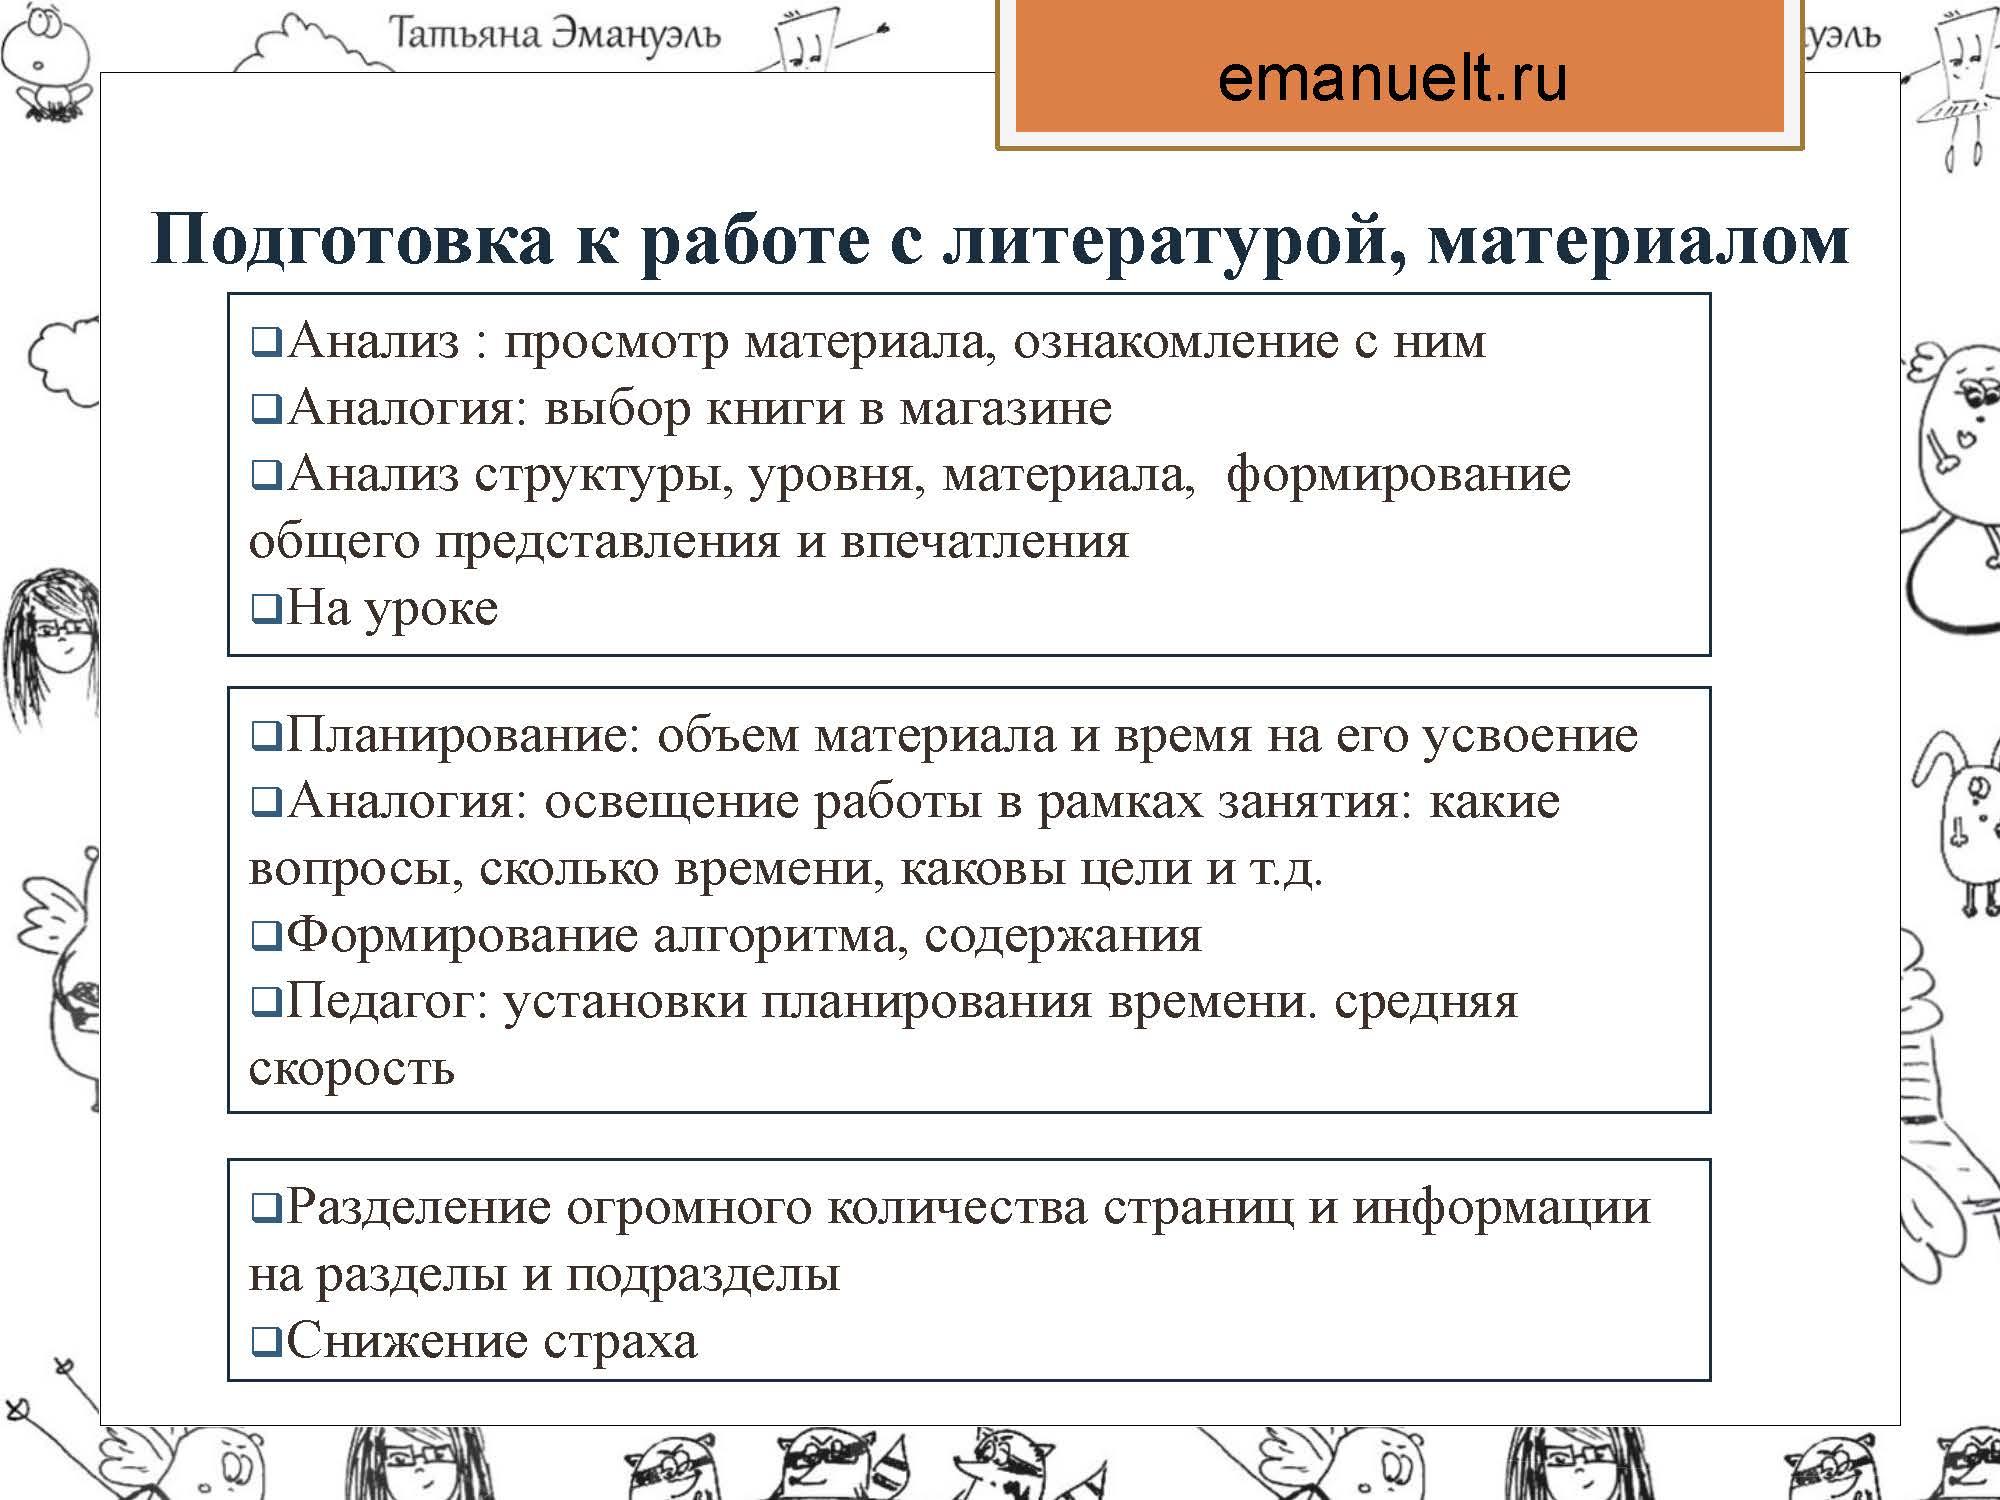 инфо_Страница_024